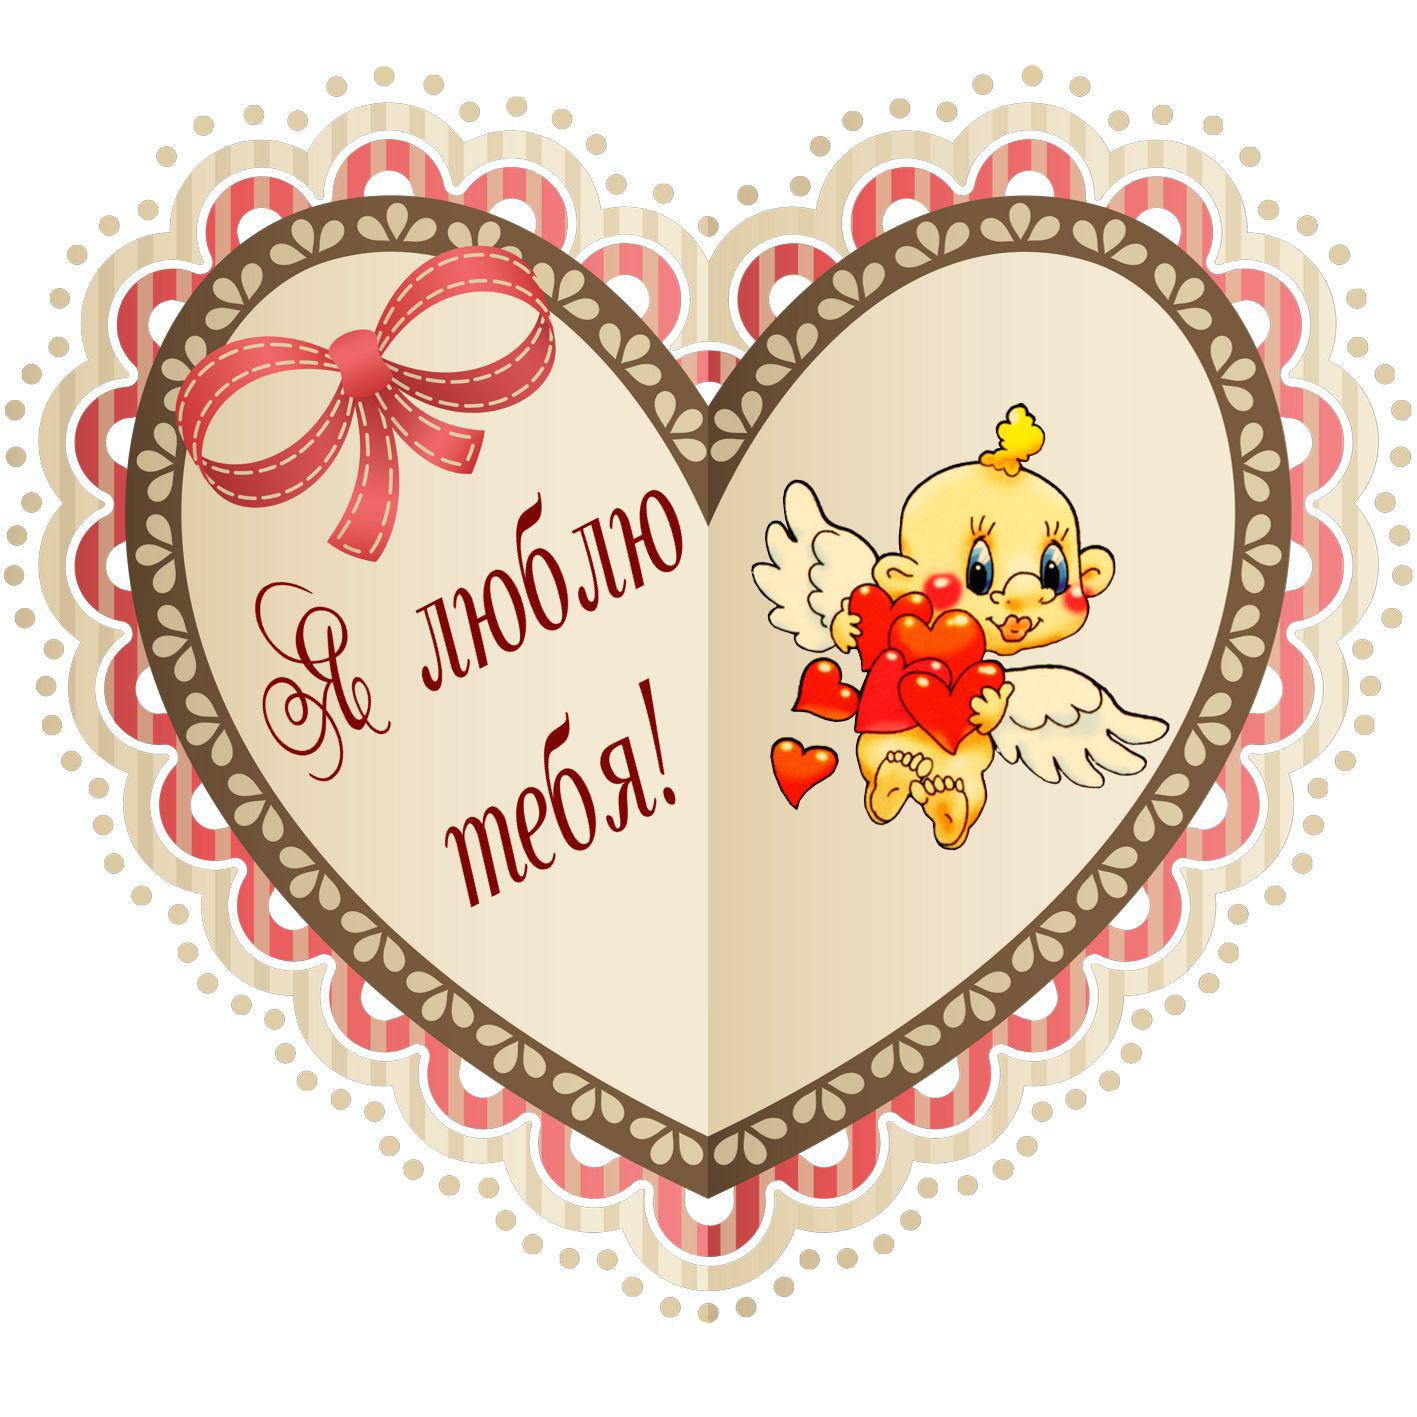 Валентинка - ангелочек с сердечками в красивой рамке